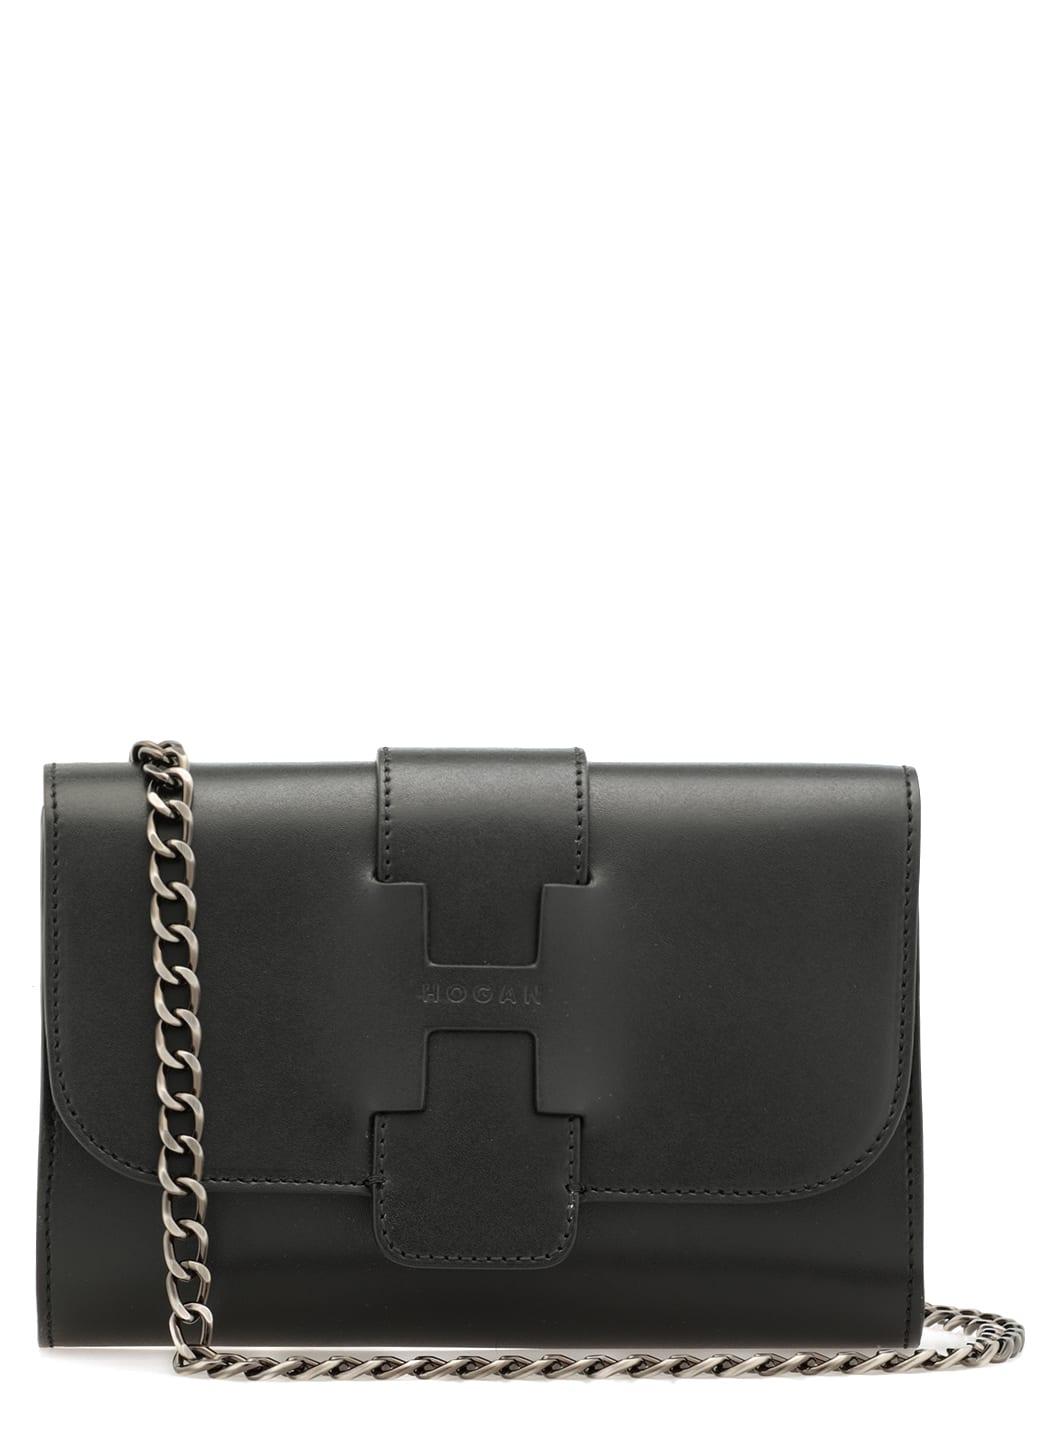 Hogan Leather Small Shoulder Bag In Black